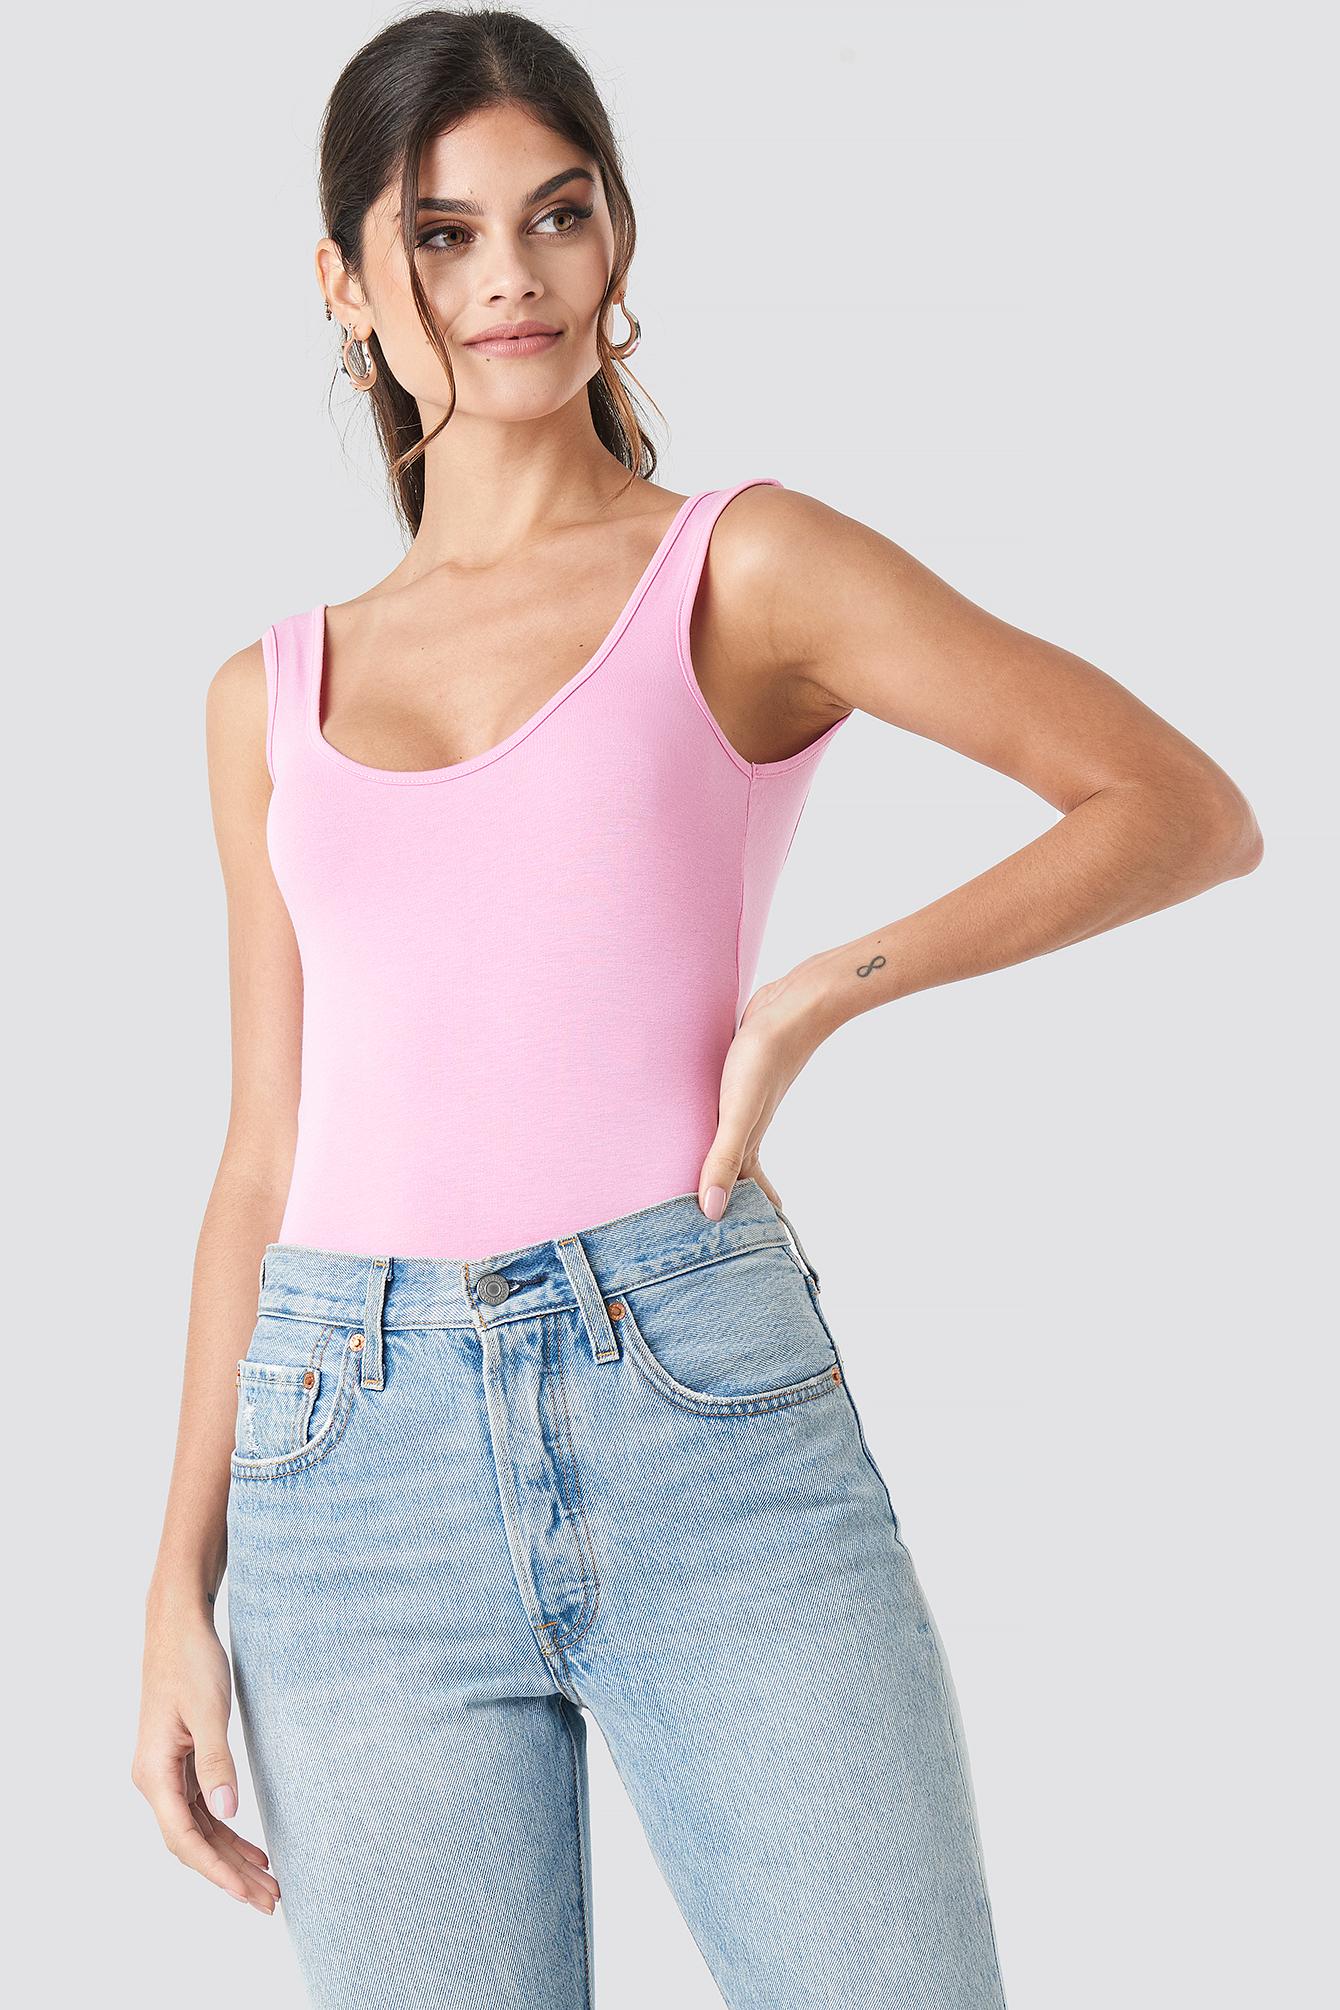 Bottom Snaps Knit Body NA-KD.COM